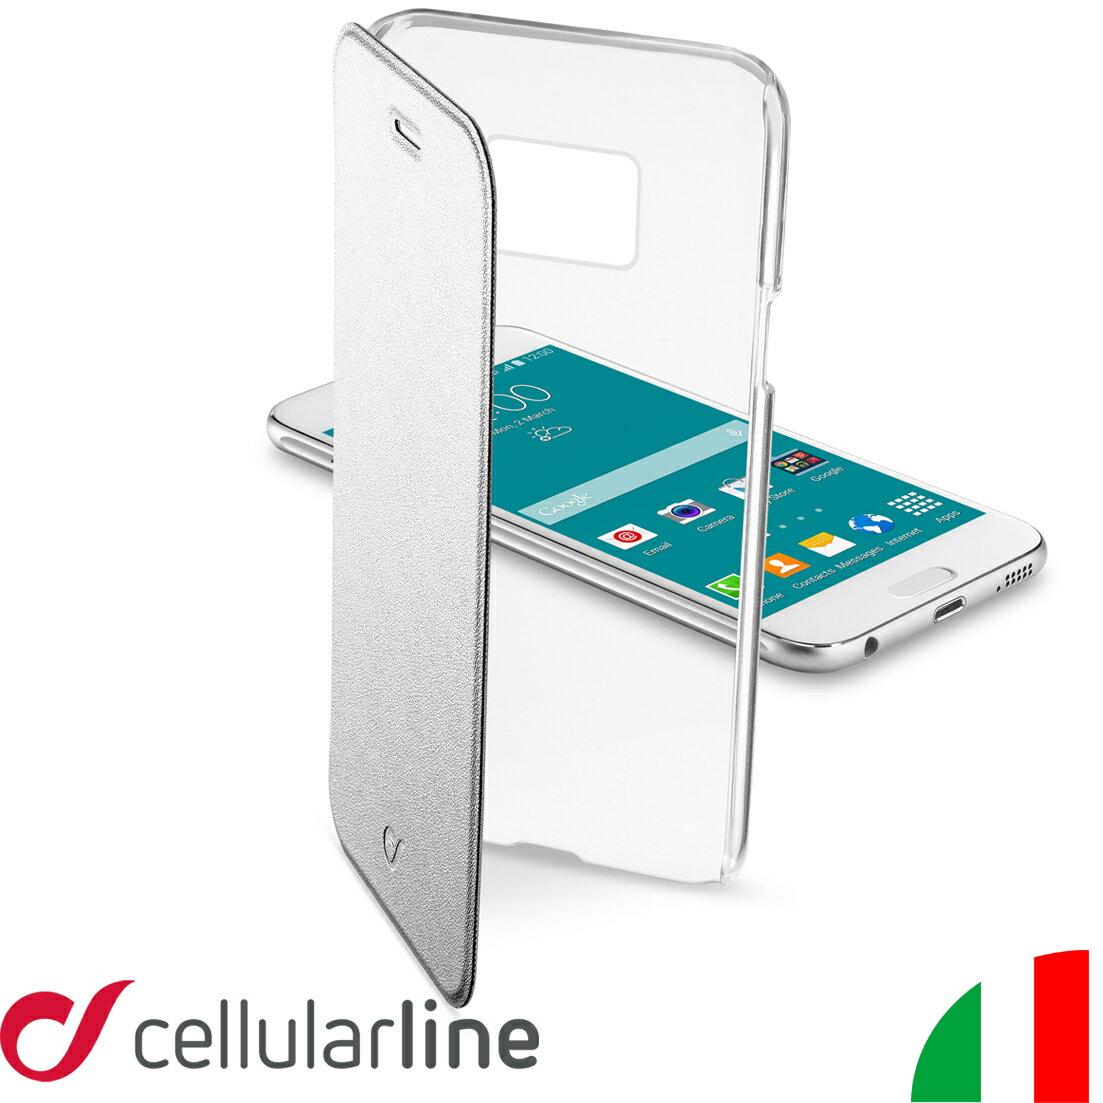 スマートフォン・携帯電話アクセサリー, ケース・カバー Galaxy S6 Cellularline